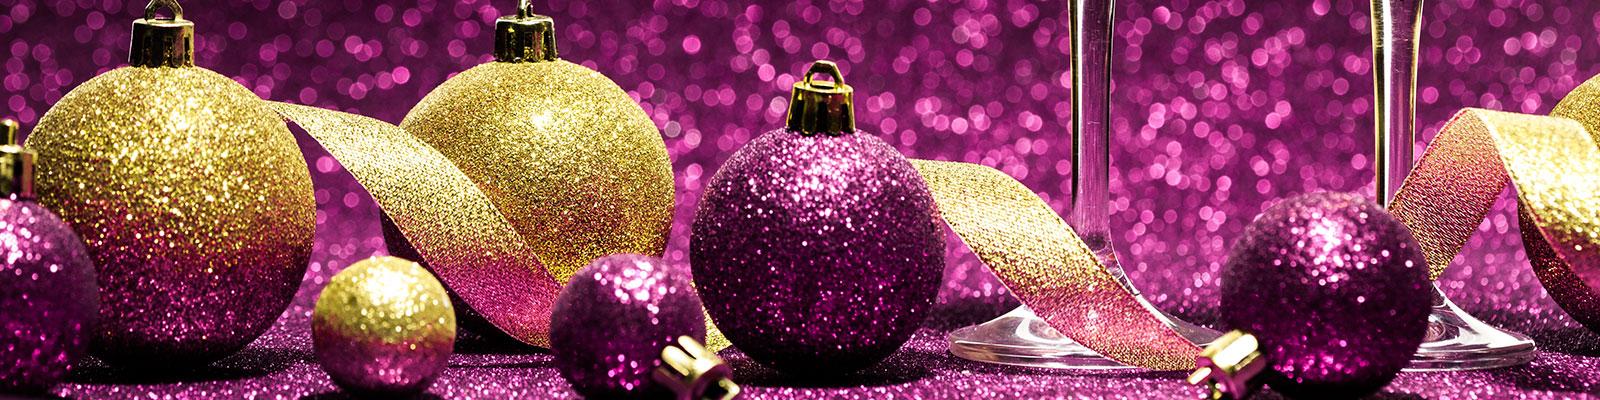 ramsdale-christmas-header.jpg